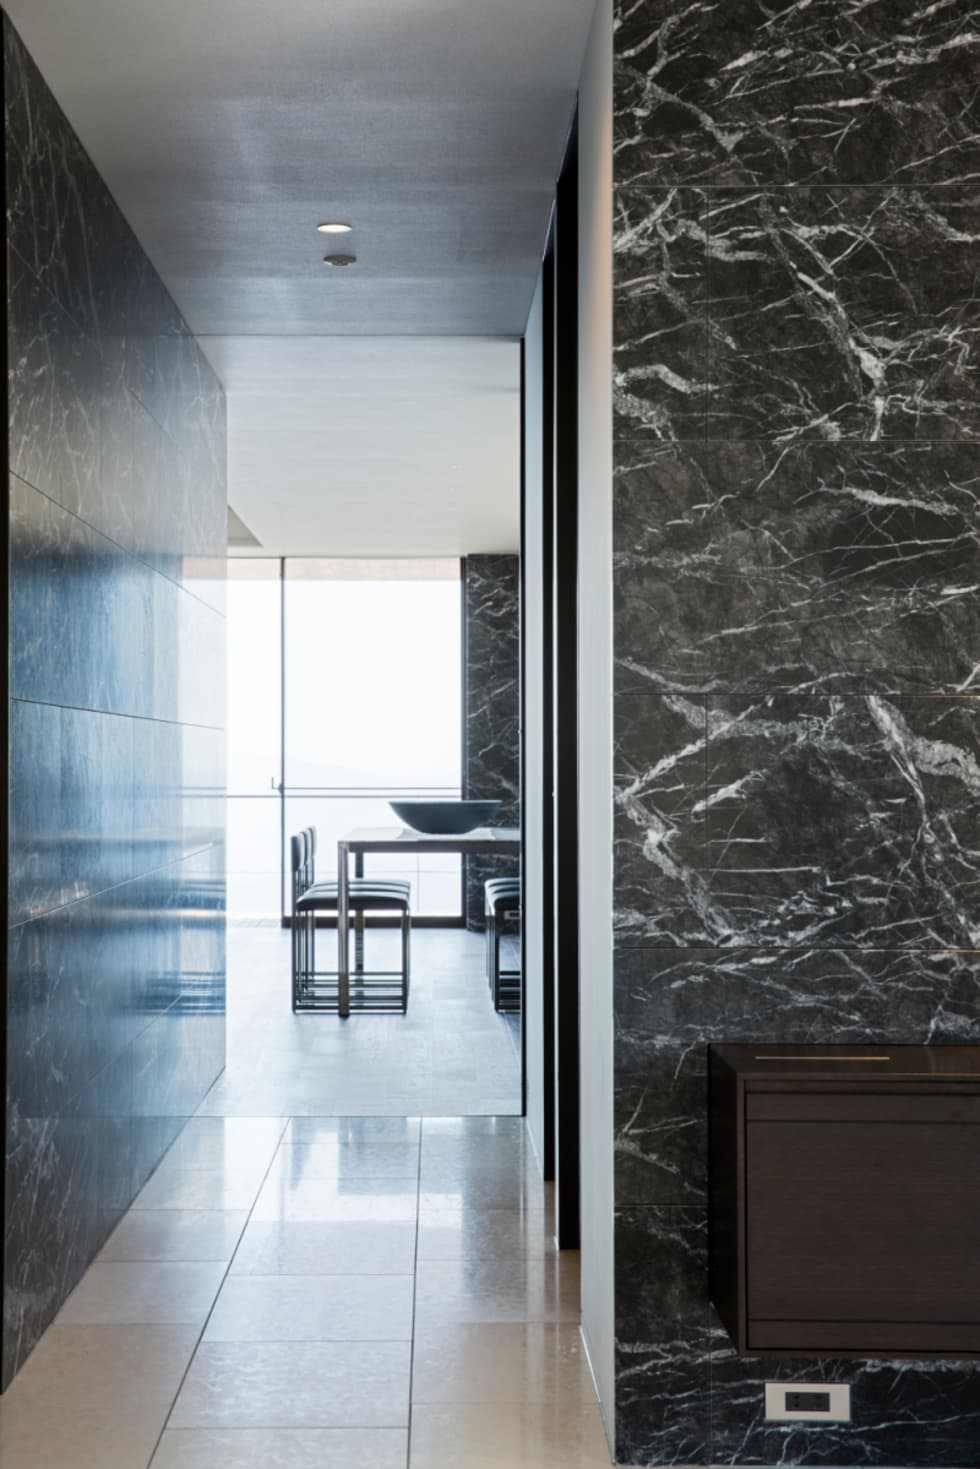 玄関・廊下: 城戸崎建築研究室 / KIDOSAKI ARCHITECTS STUDIOが手掛けた家です。